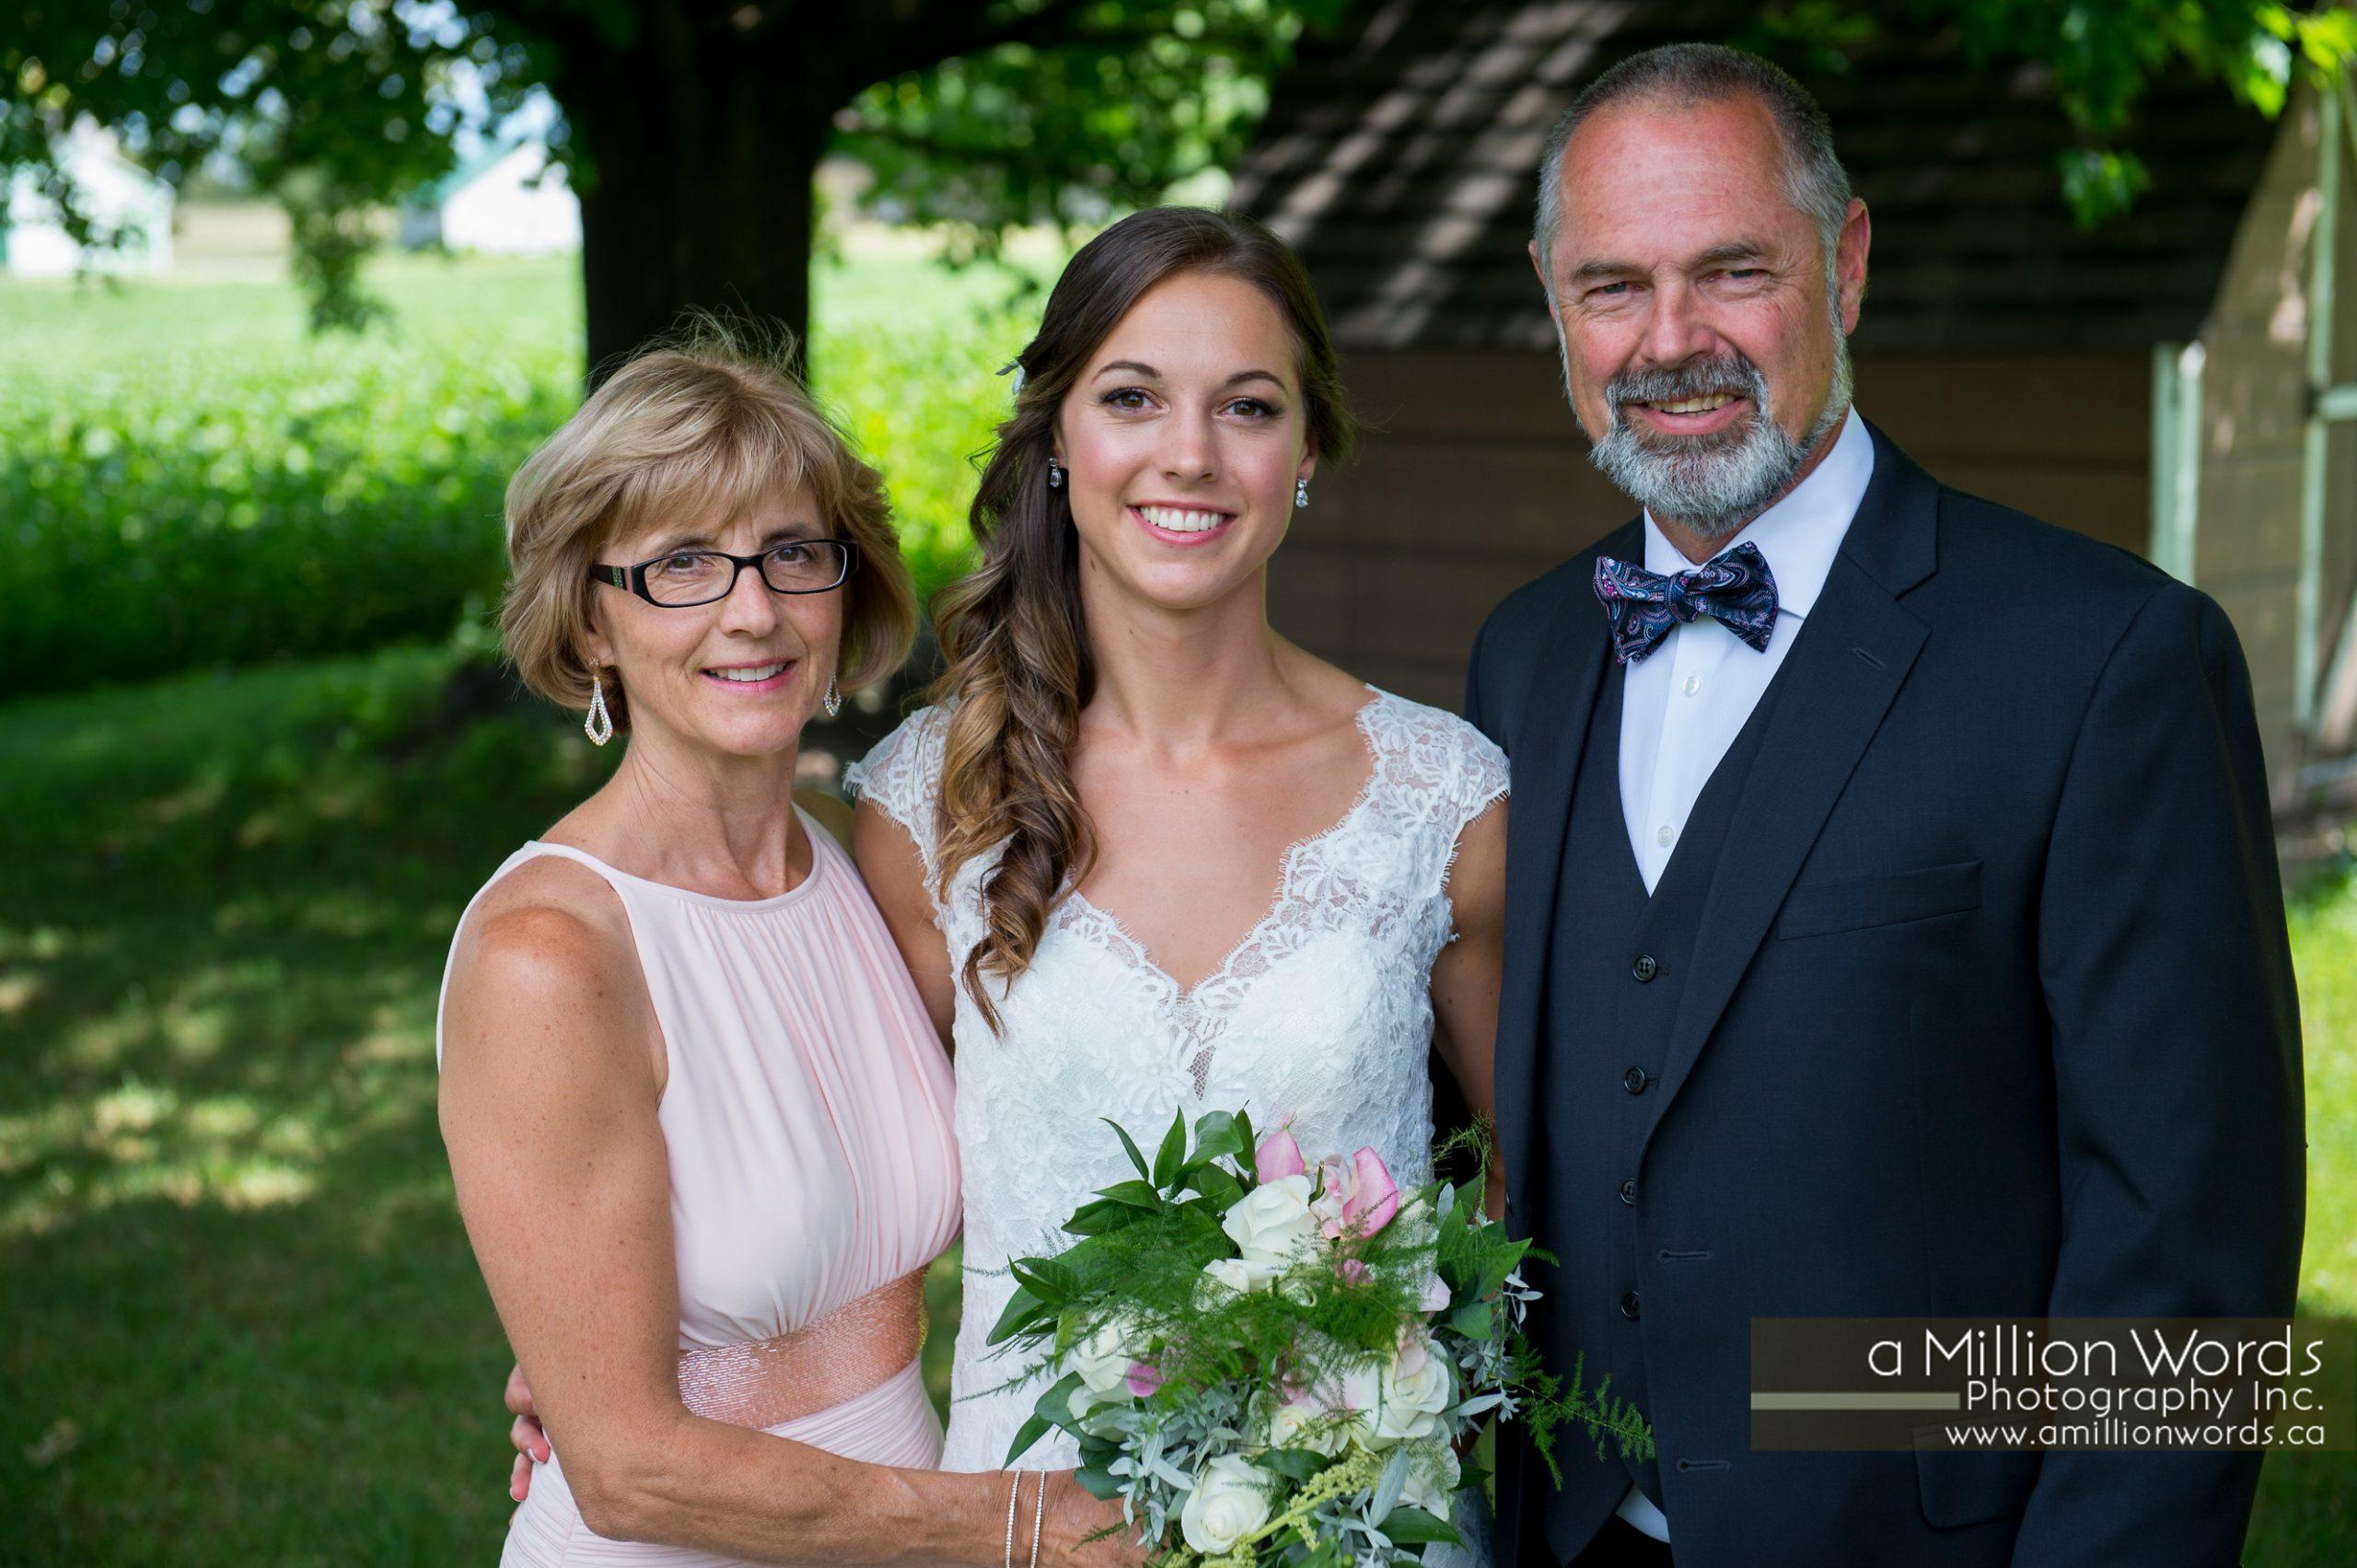 kw_wedding_photography20